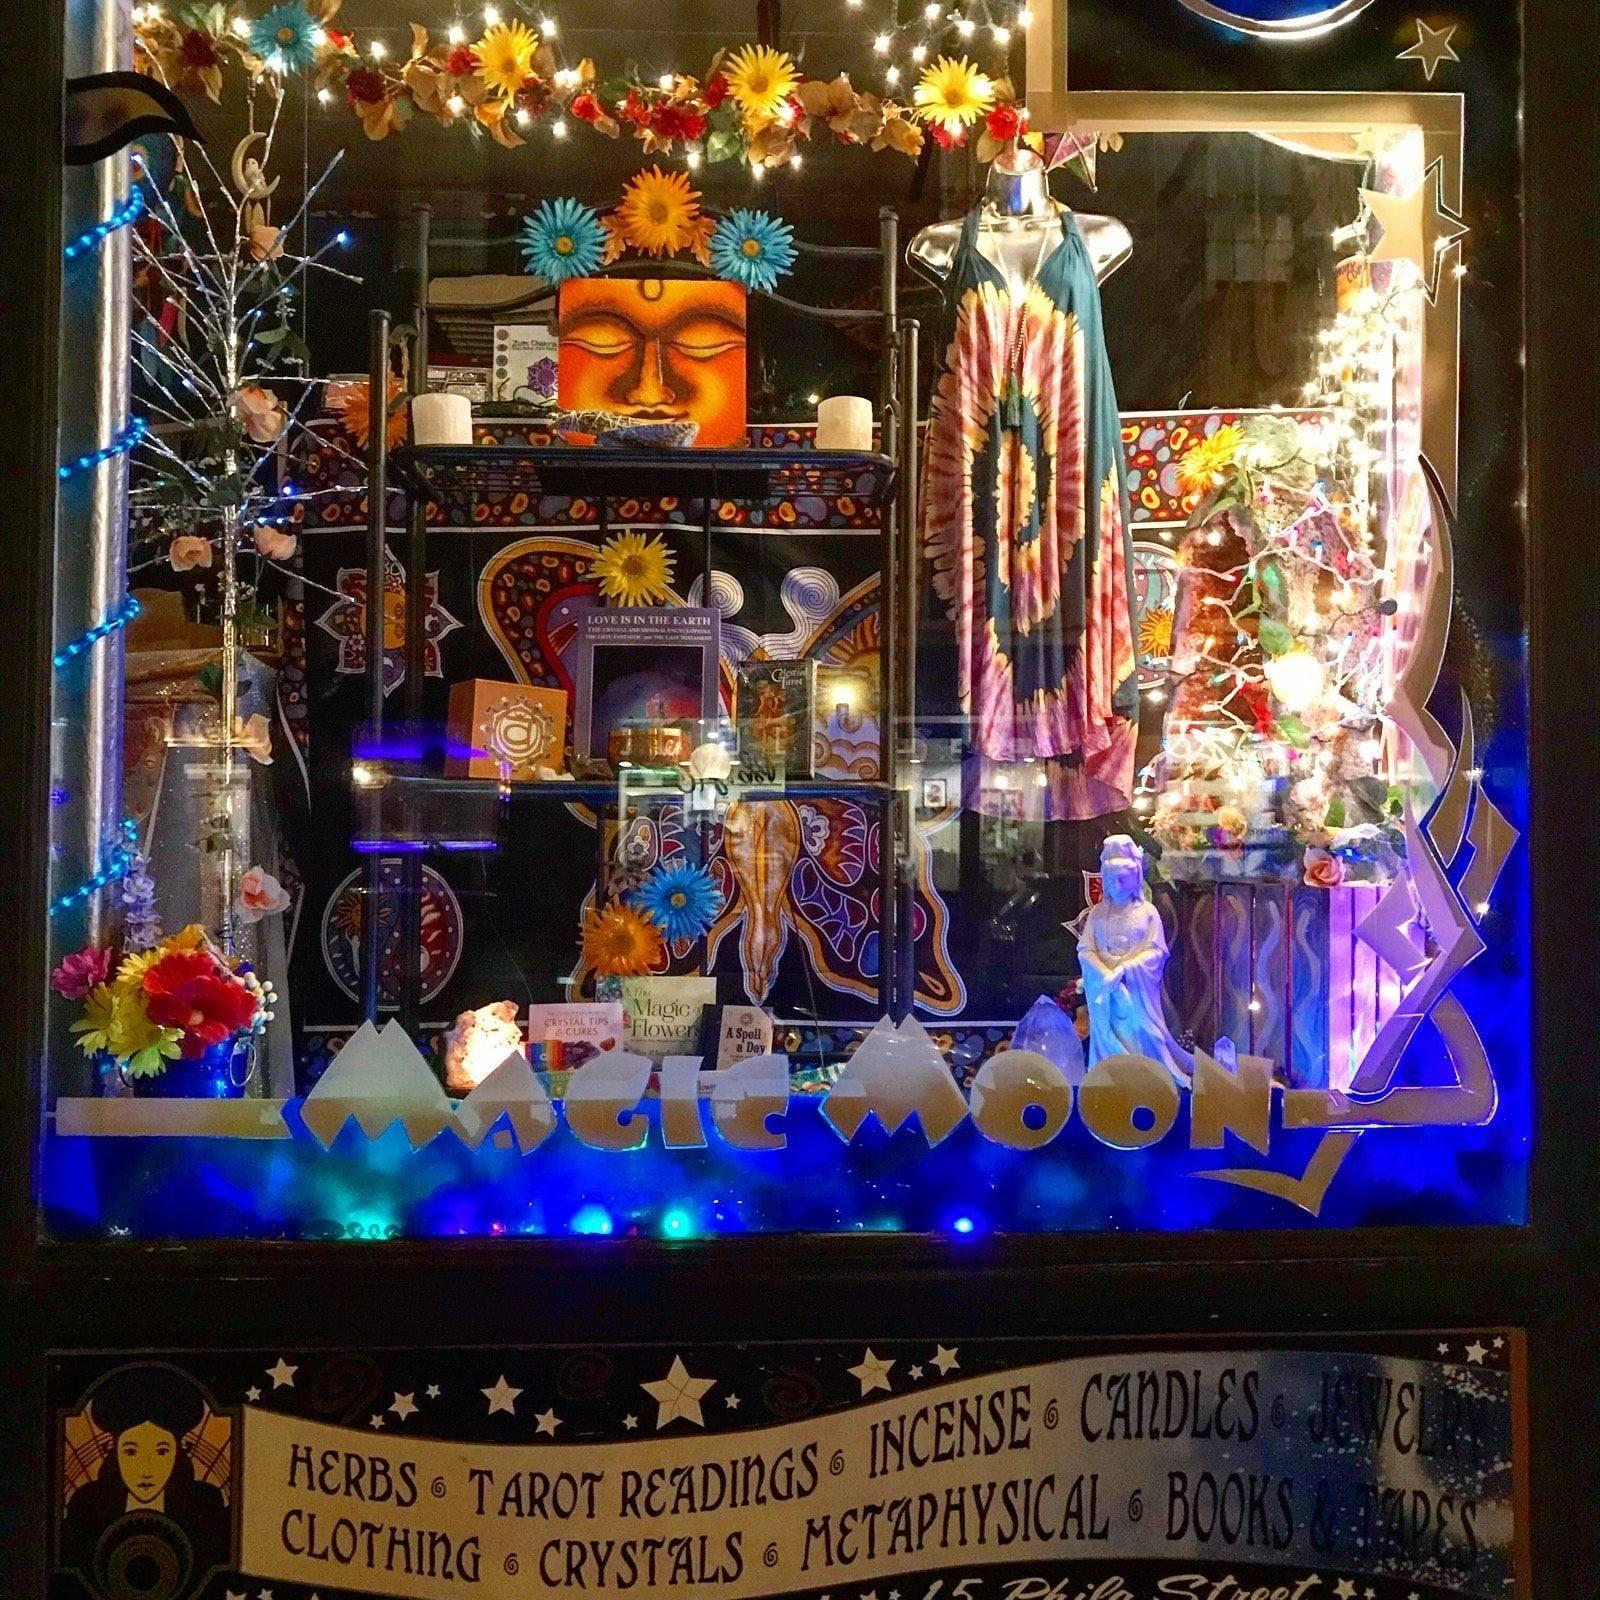 12866, Magic Moon, 15 Phila St Saratoga Springs, NY - Azuregreen